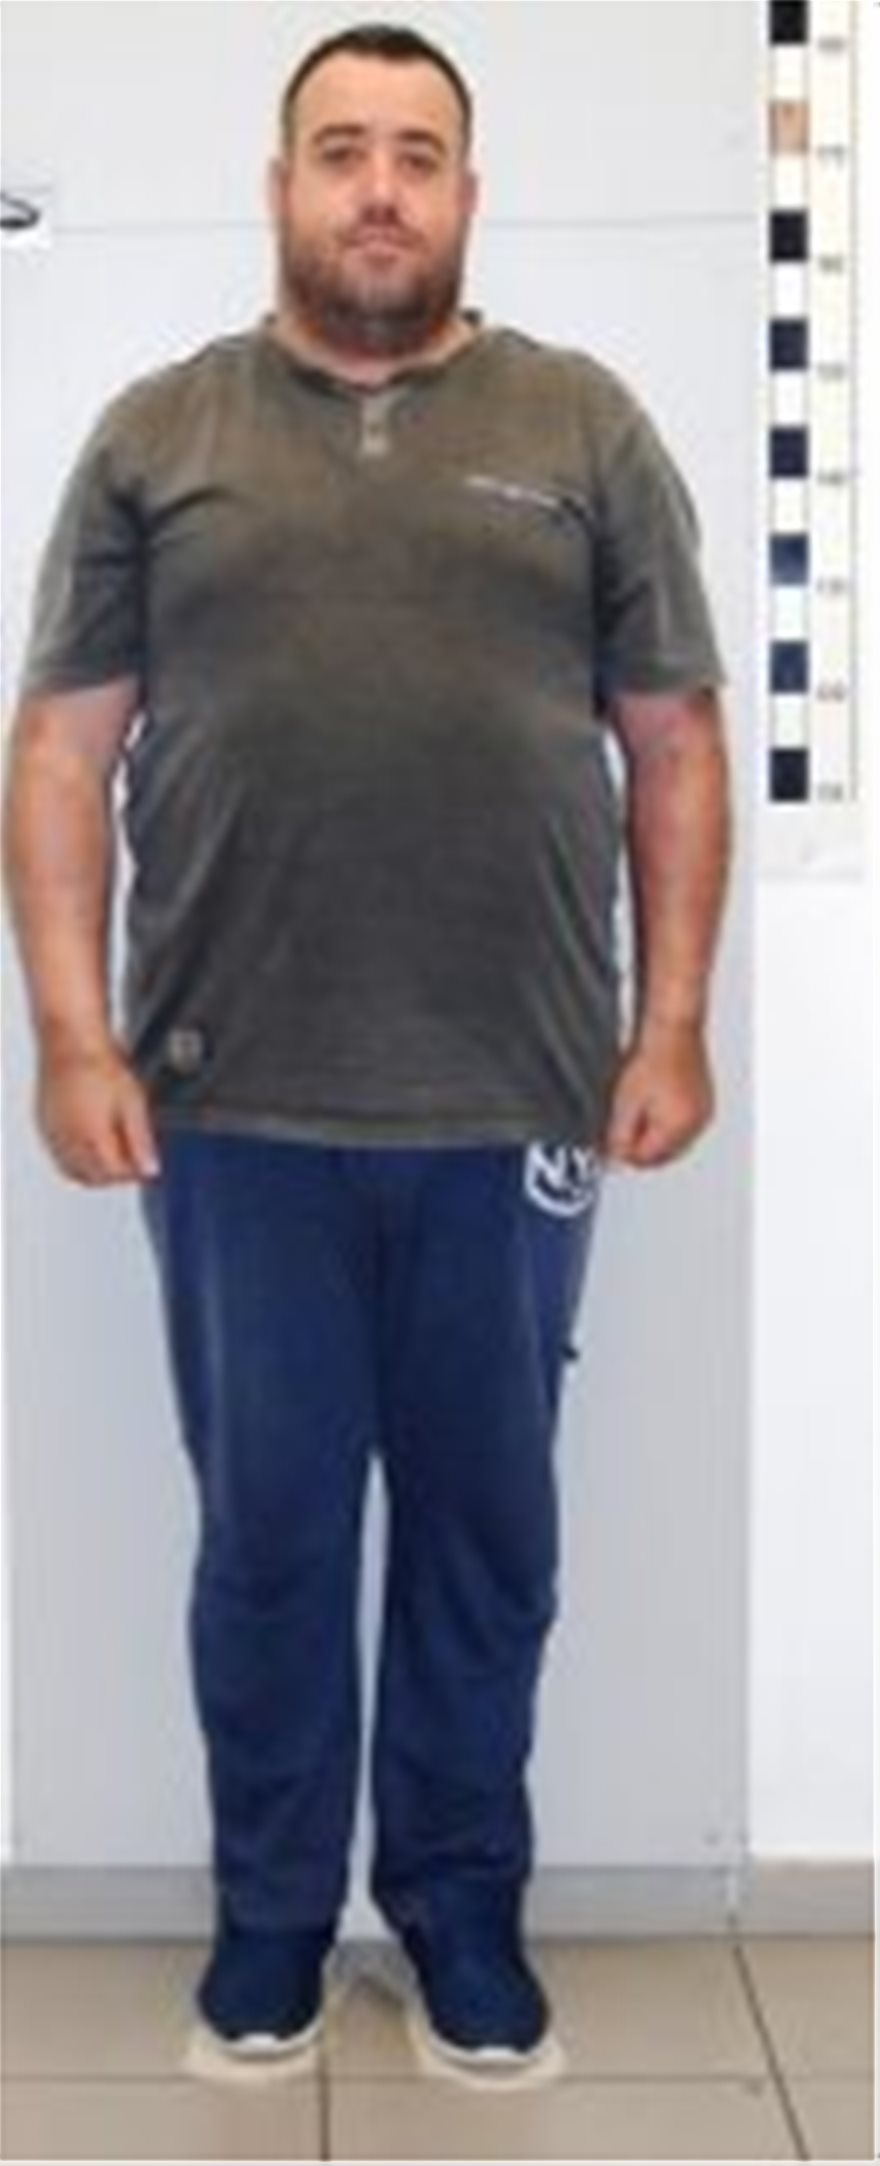 Αυτός είναι ο 35χρονος που εξαπατούσε ηλικιωμένους στην Παιανία [φωτο]